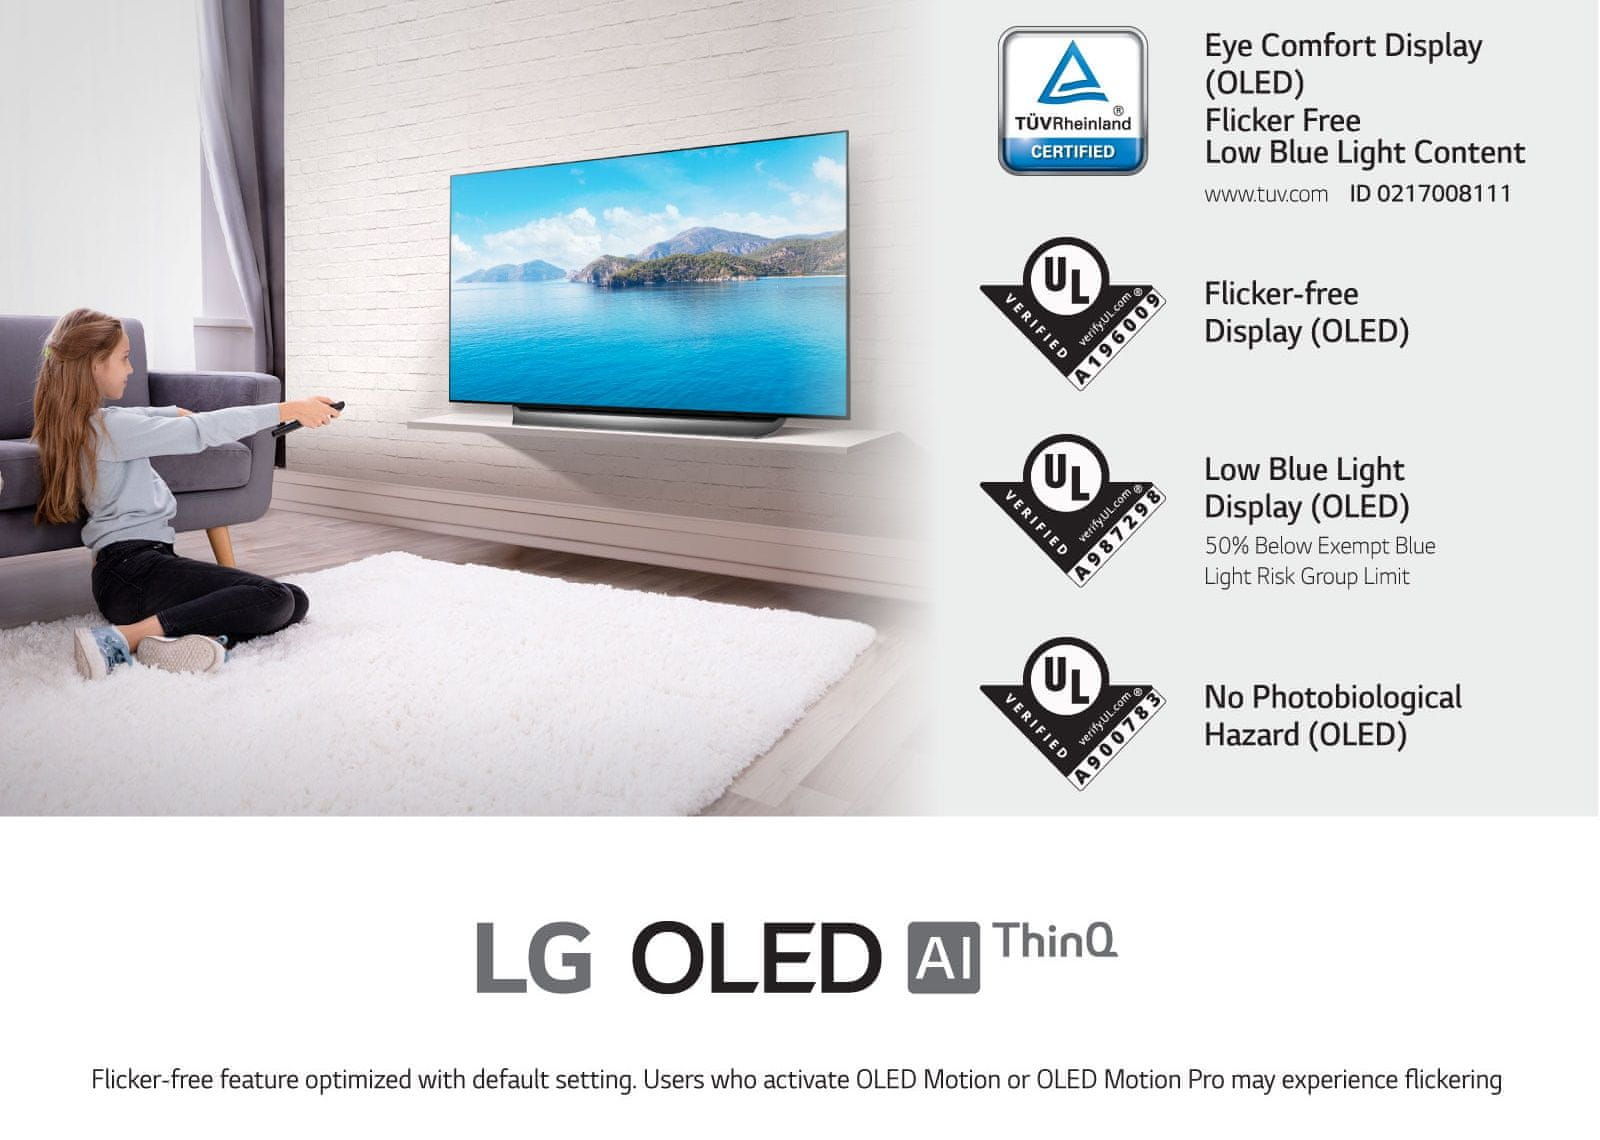 LG TV televízor OLED 4K 2021 šetrný pre zrak modré svetlo životné prostredie bezpečný